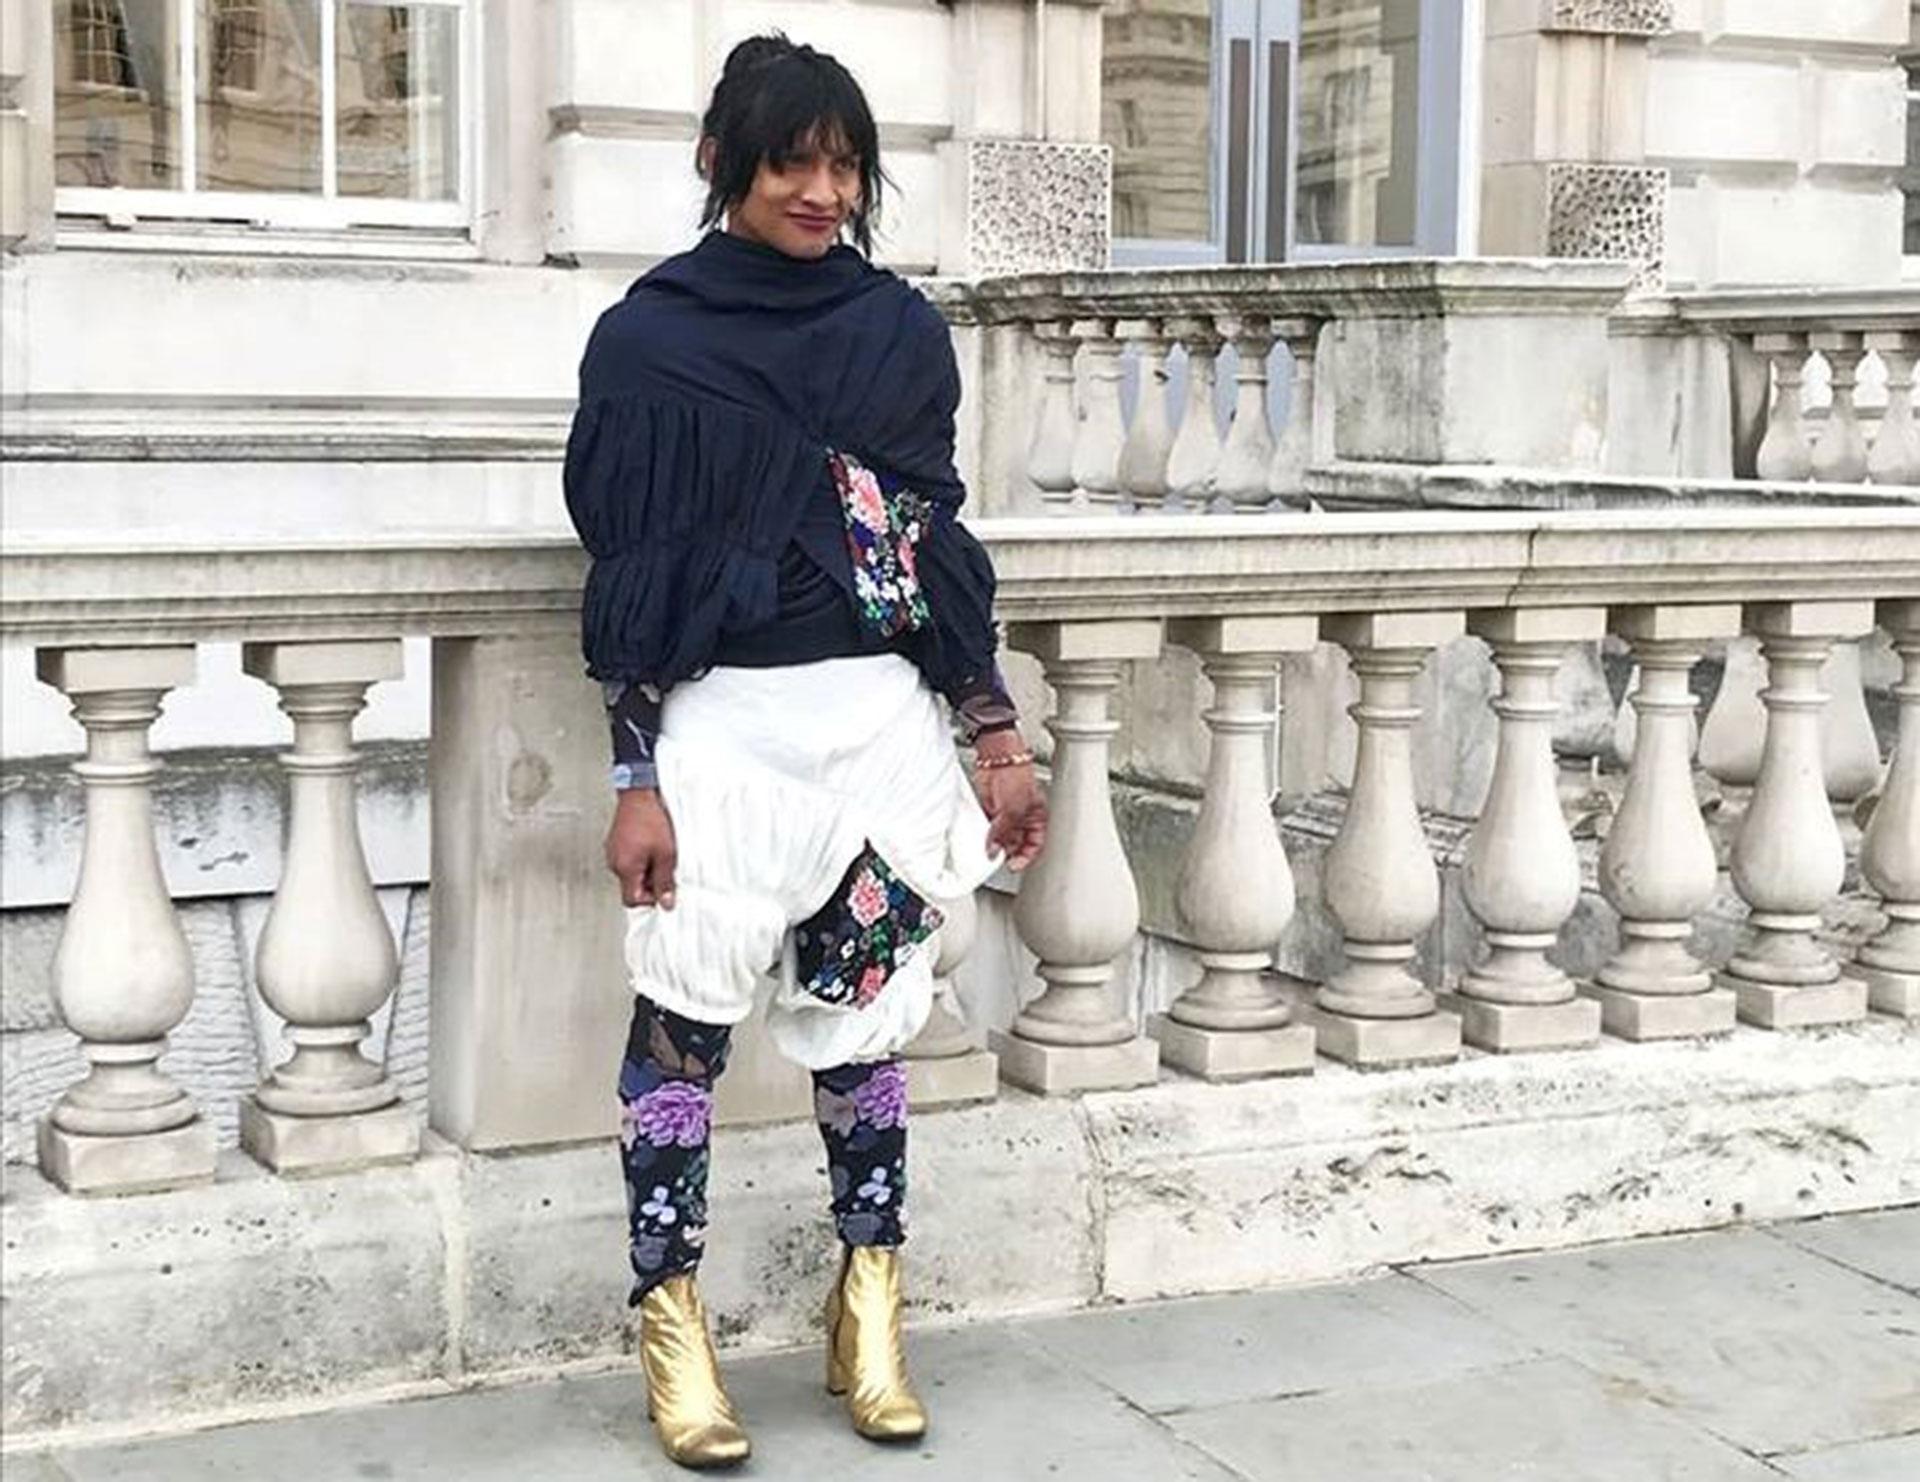 La indígena trans Roxana Panchi vestida de un diseño creado en conjunto con la diseñadora Laura Laurens (Fotos Facebook Laura Laurens)